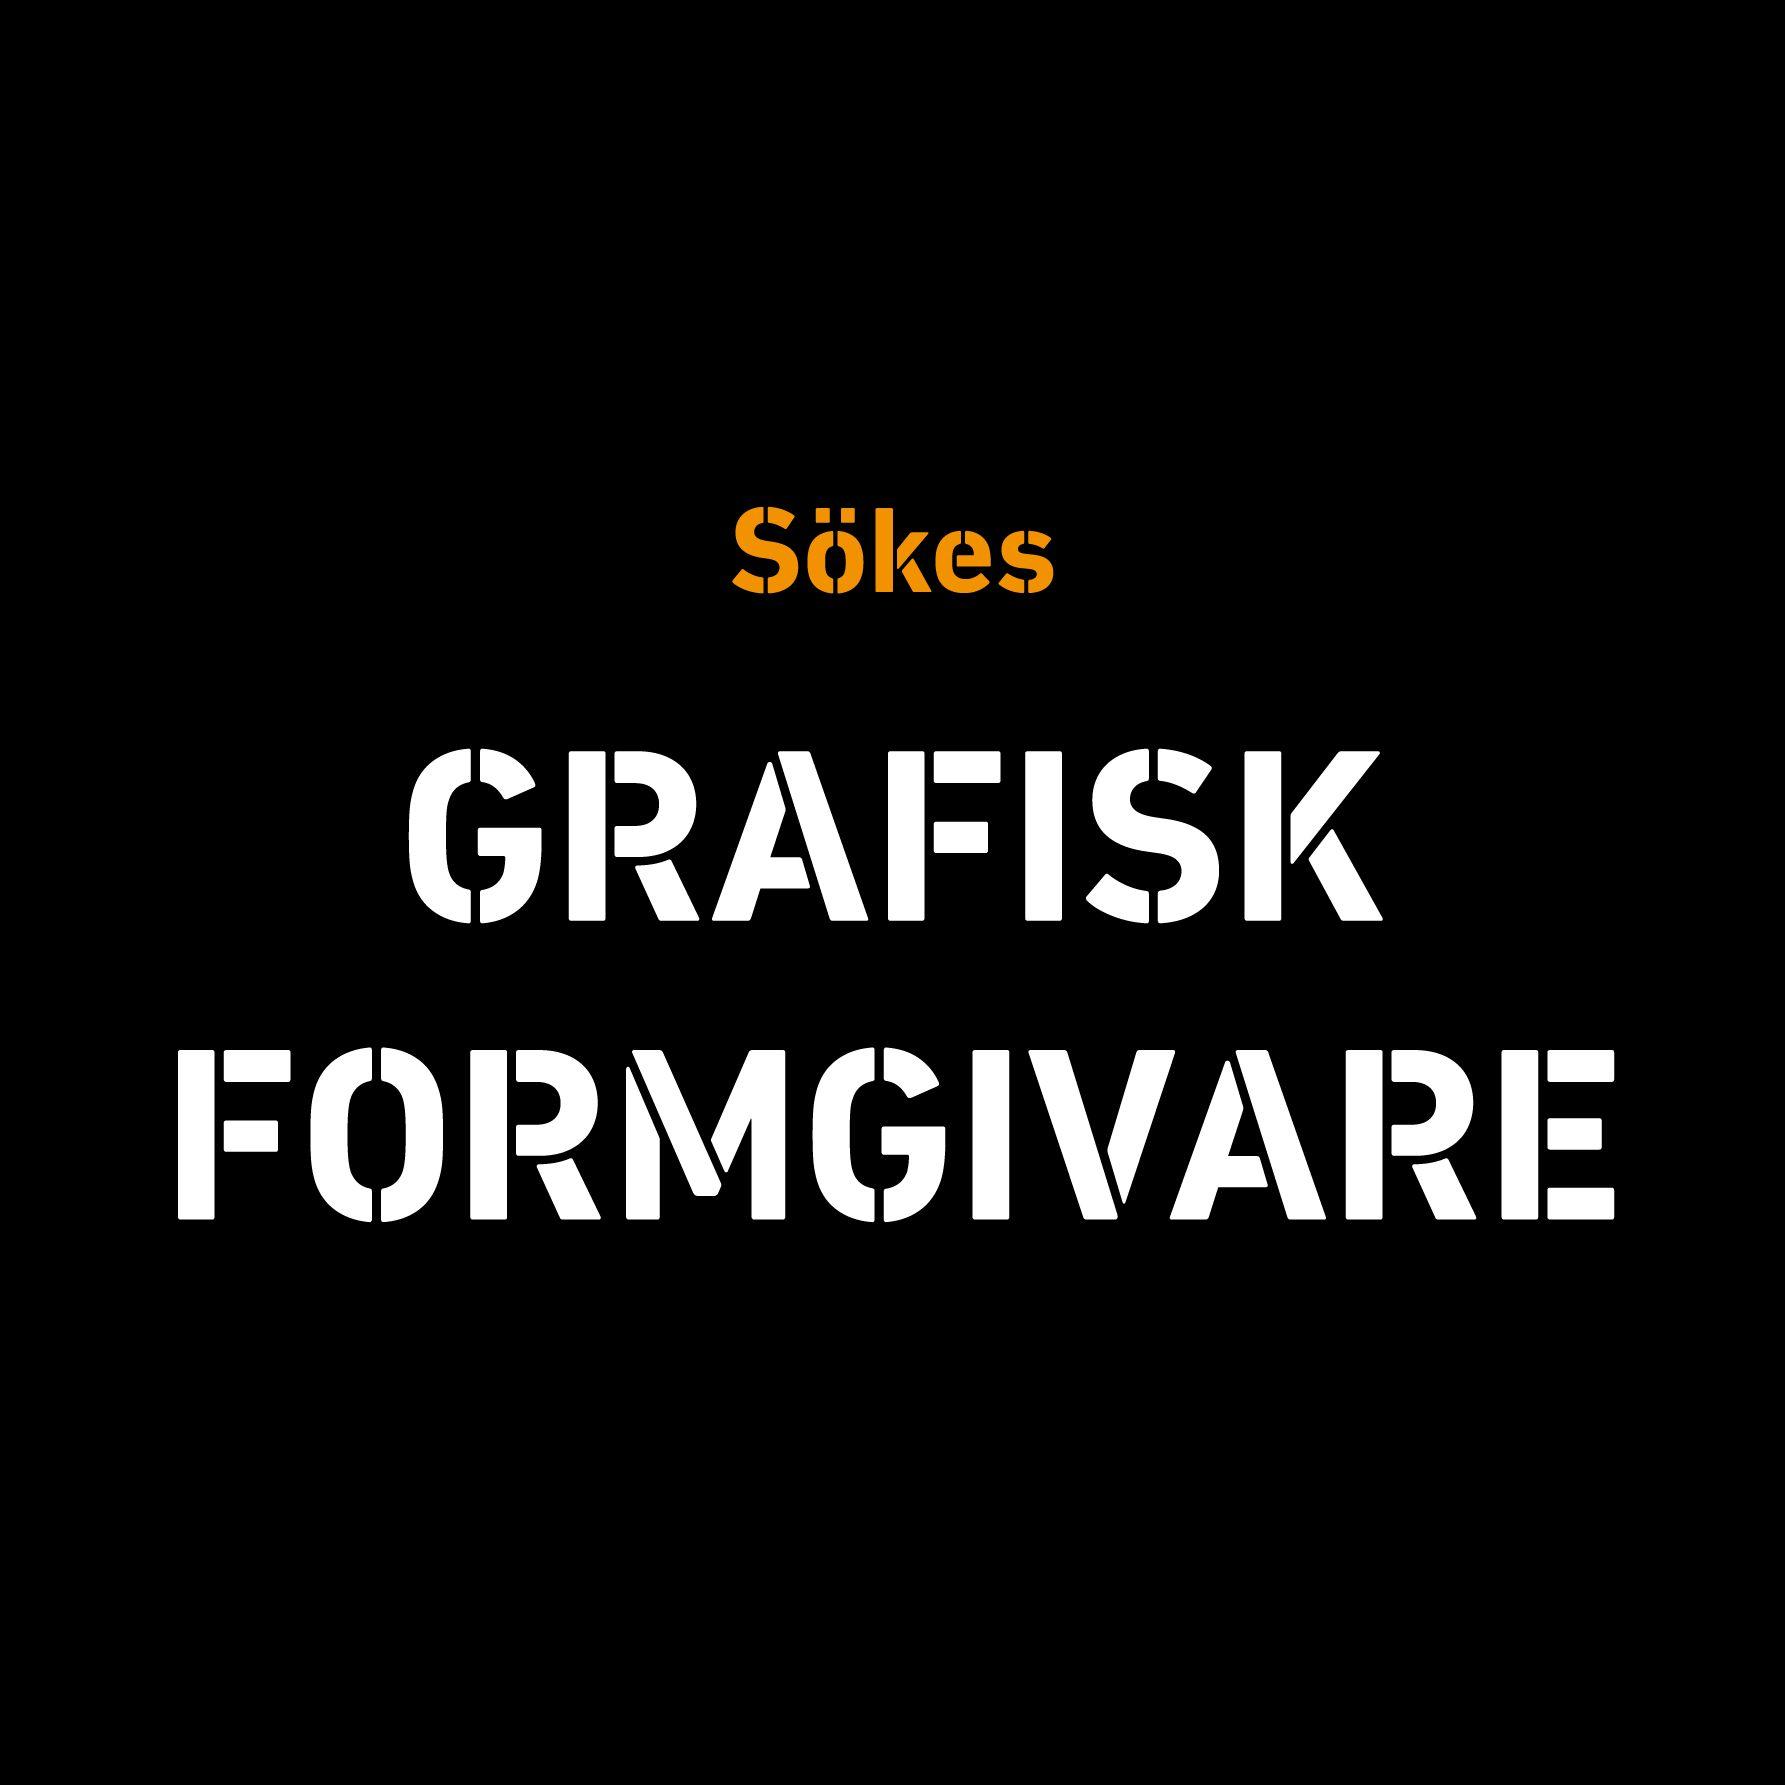 GRAFISK FORMGIVARE SÖKES